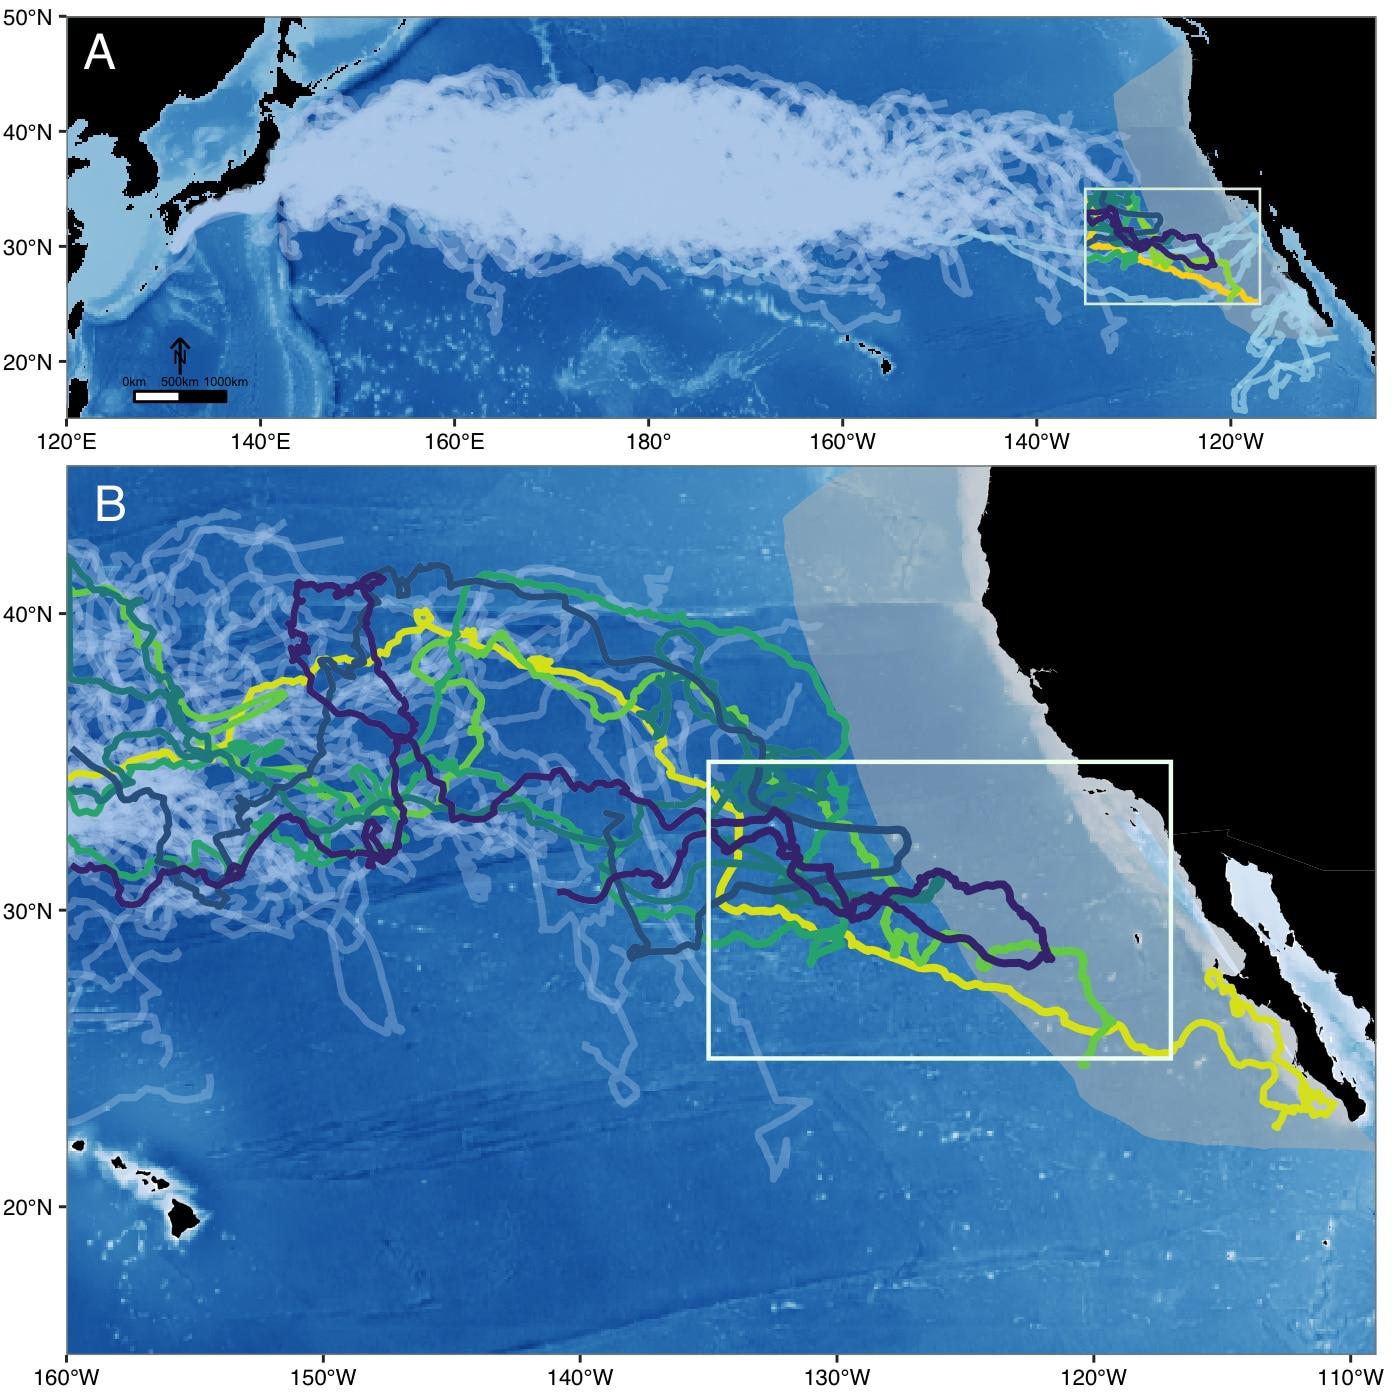 Les lignes en zig-zag montrent les chemins de migration de 231 caouannes, dont six entrent dans le grand écosystème marin actuel de Californie